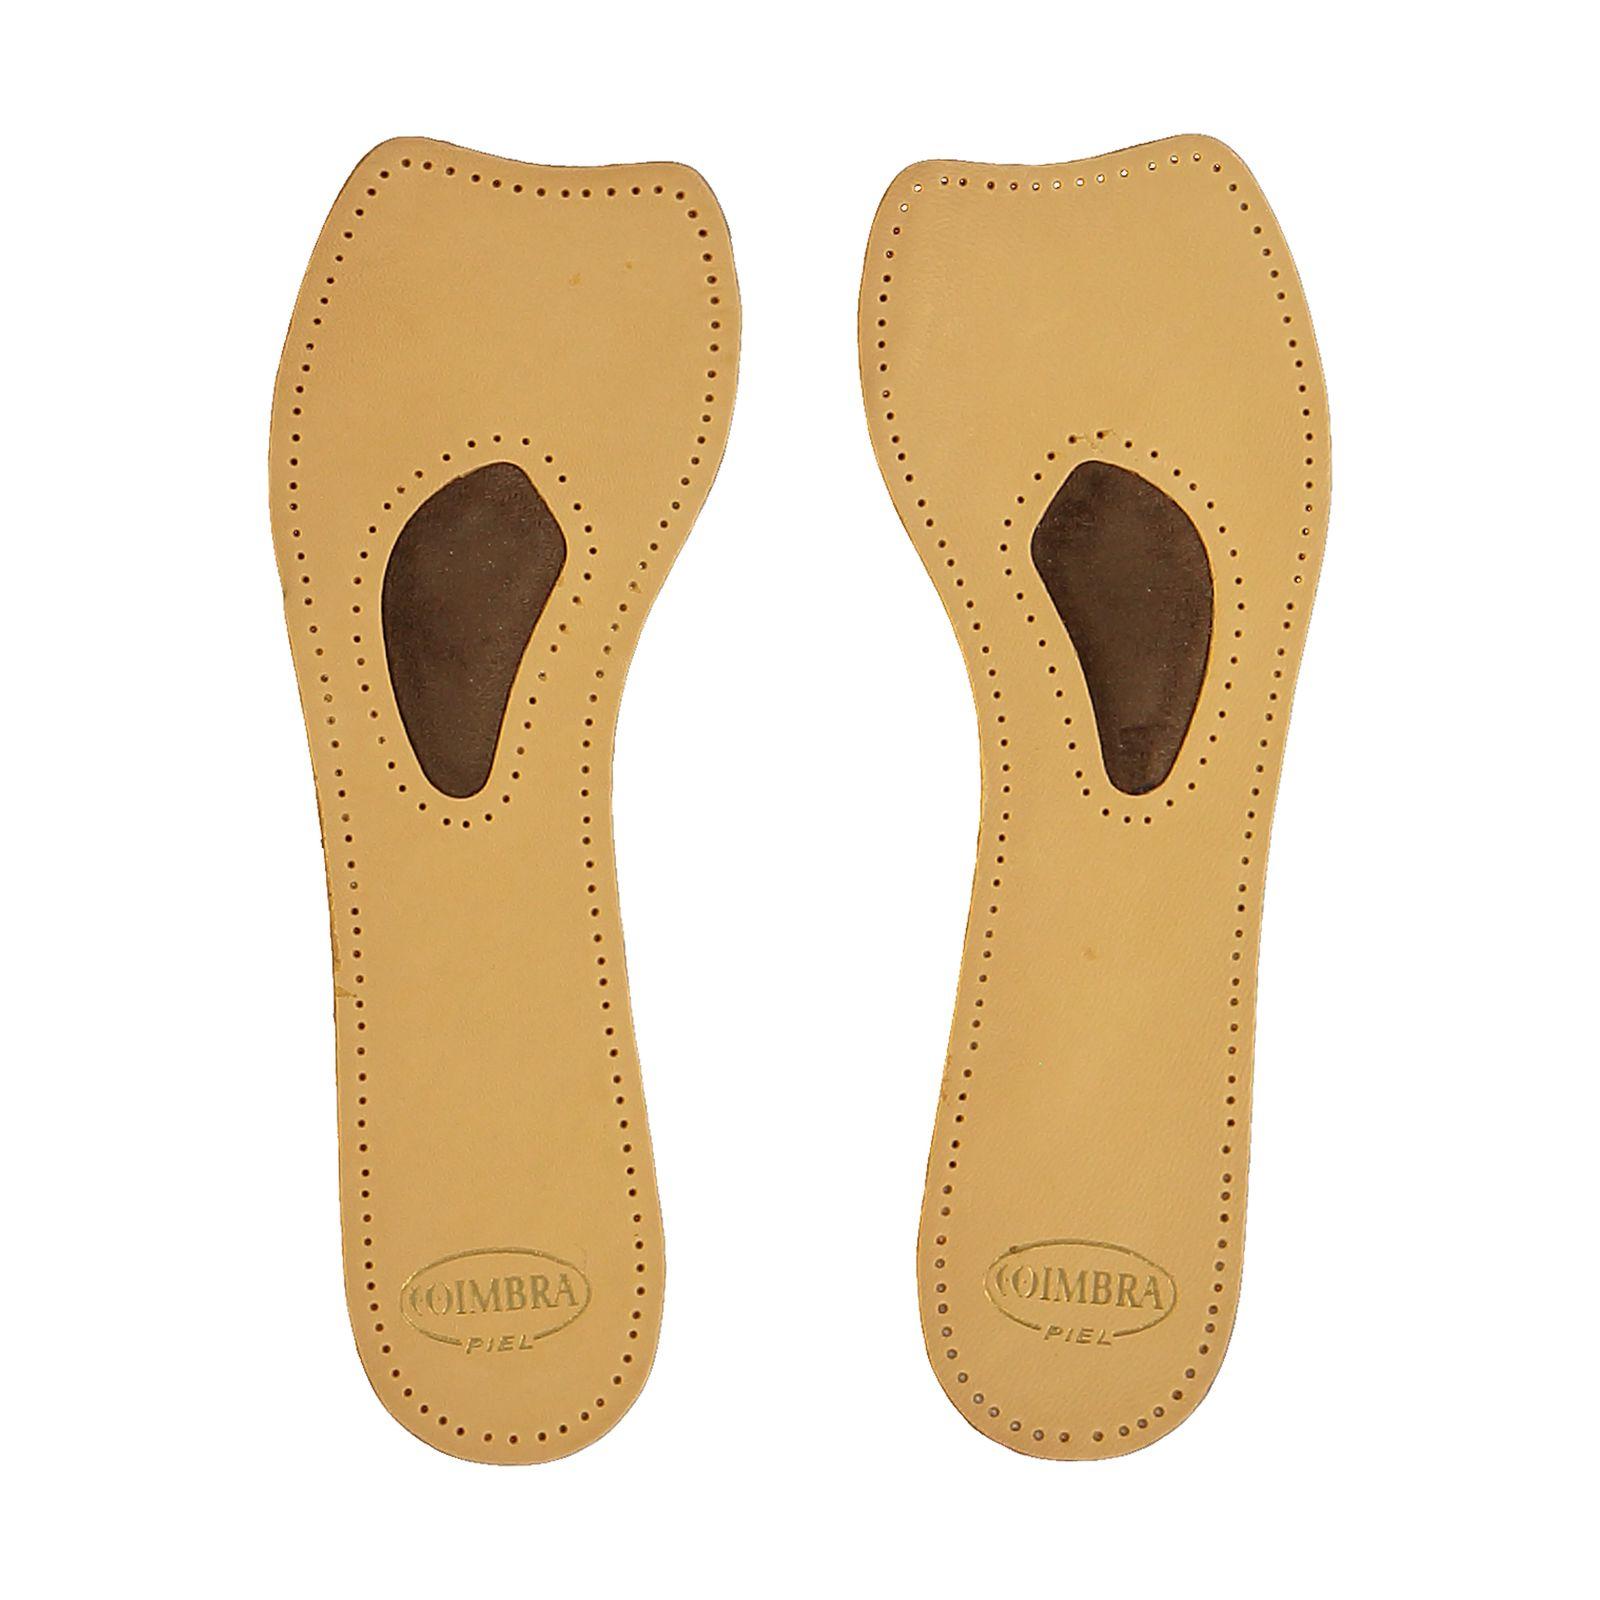 کفی کفش کوایمبرا مدل 1021740 سایز 39-40 -  - 2